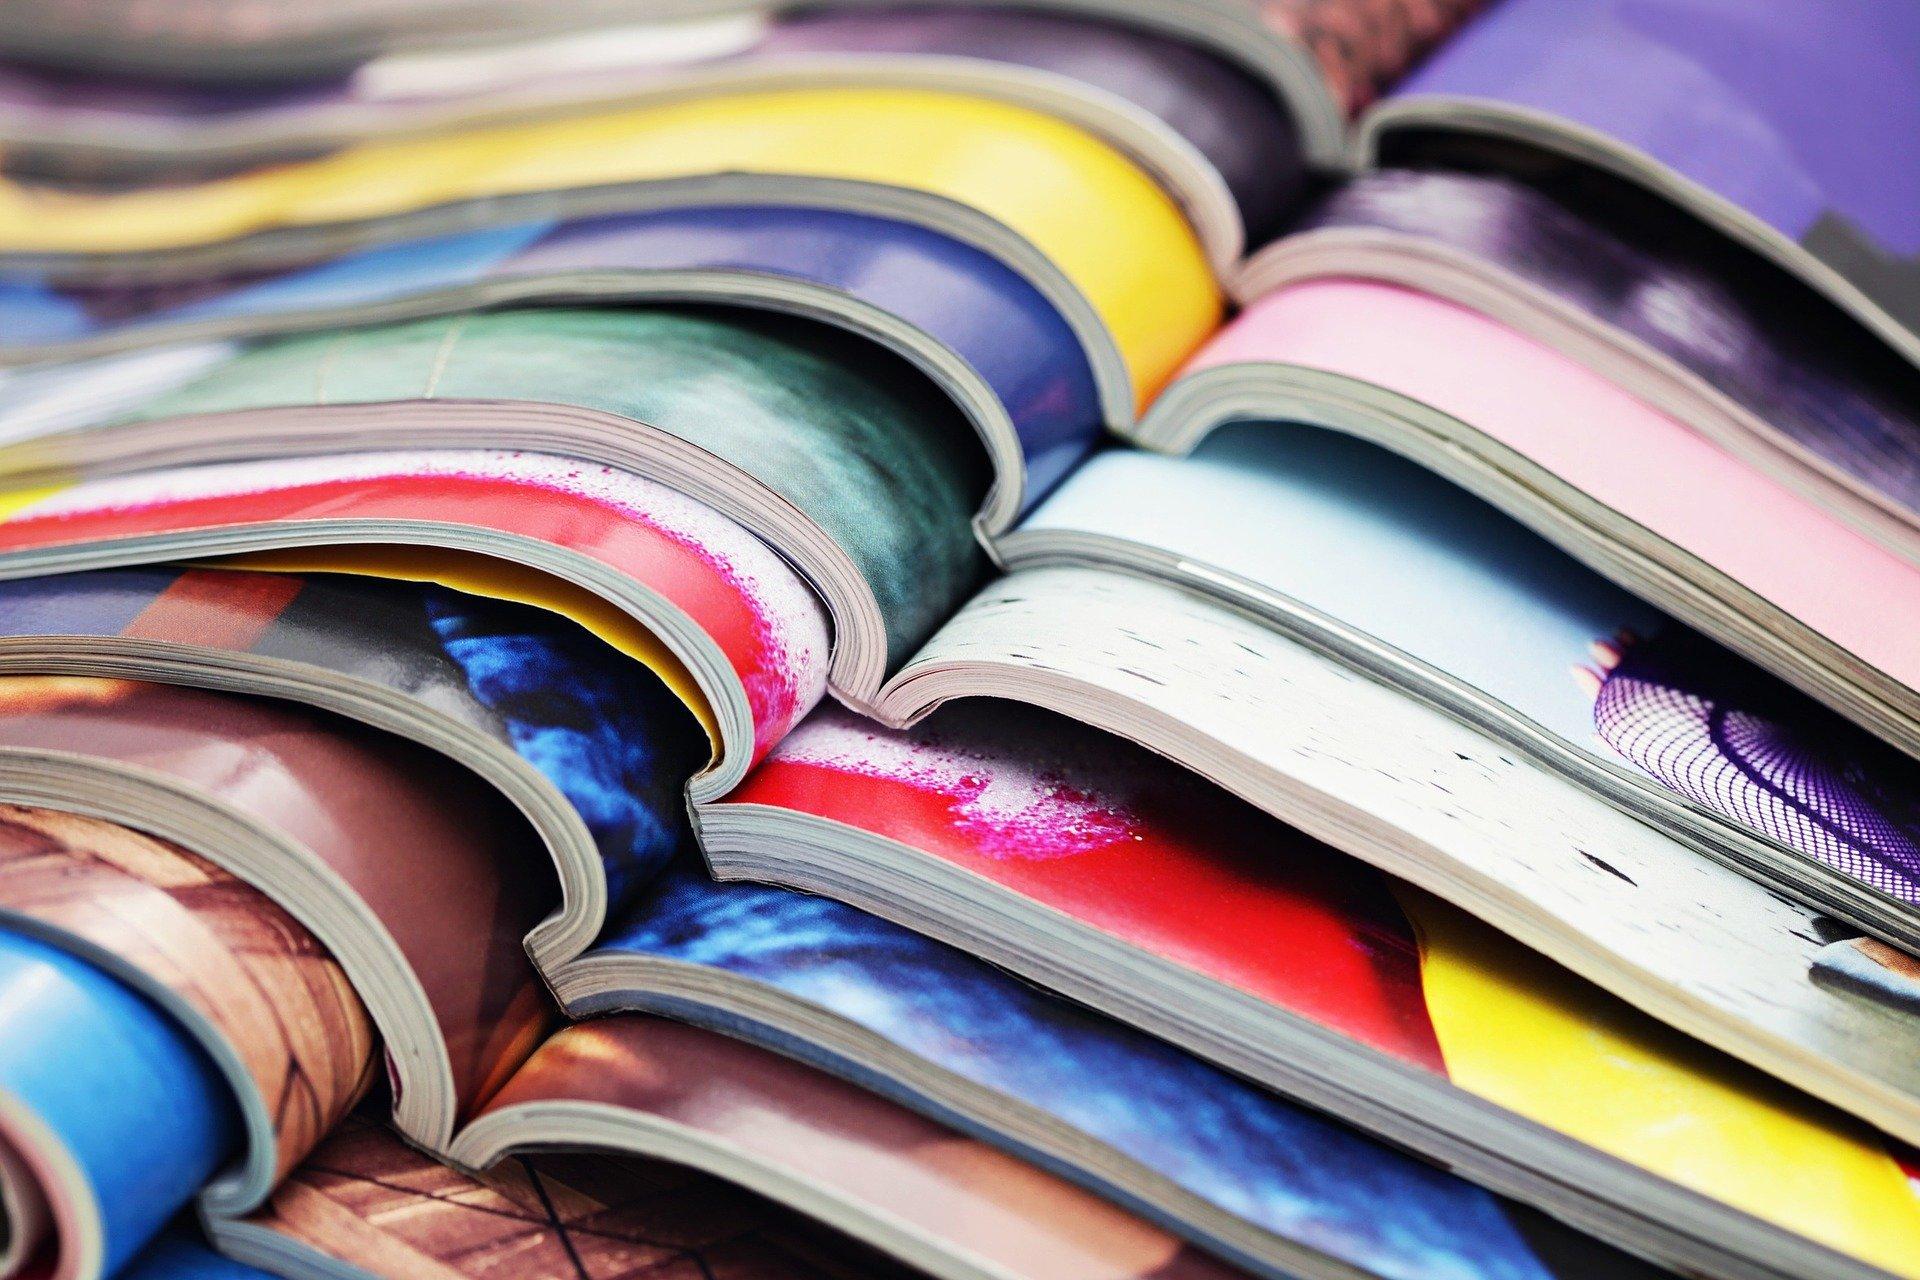 Stapel von Magazinen